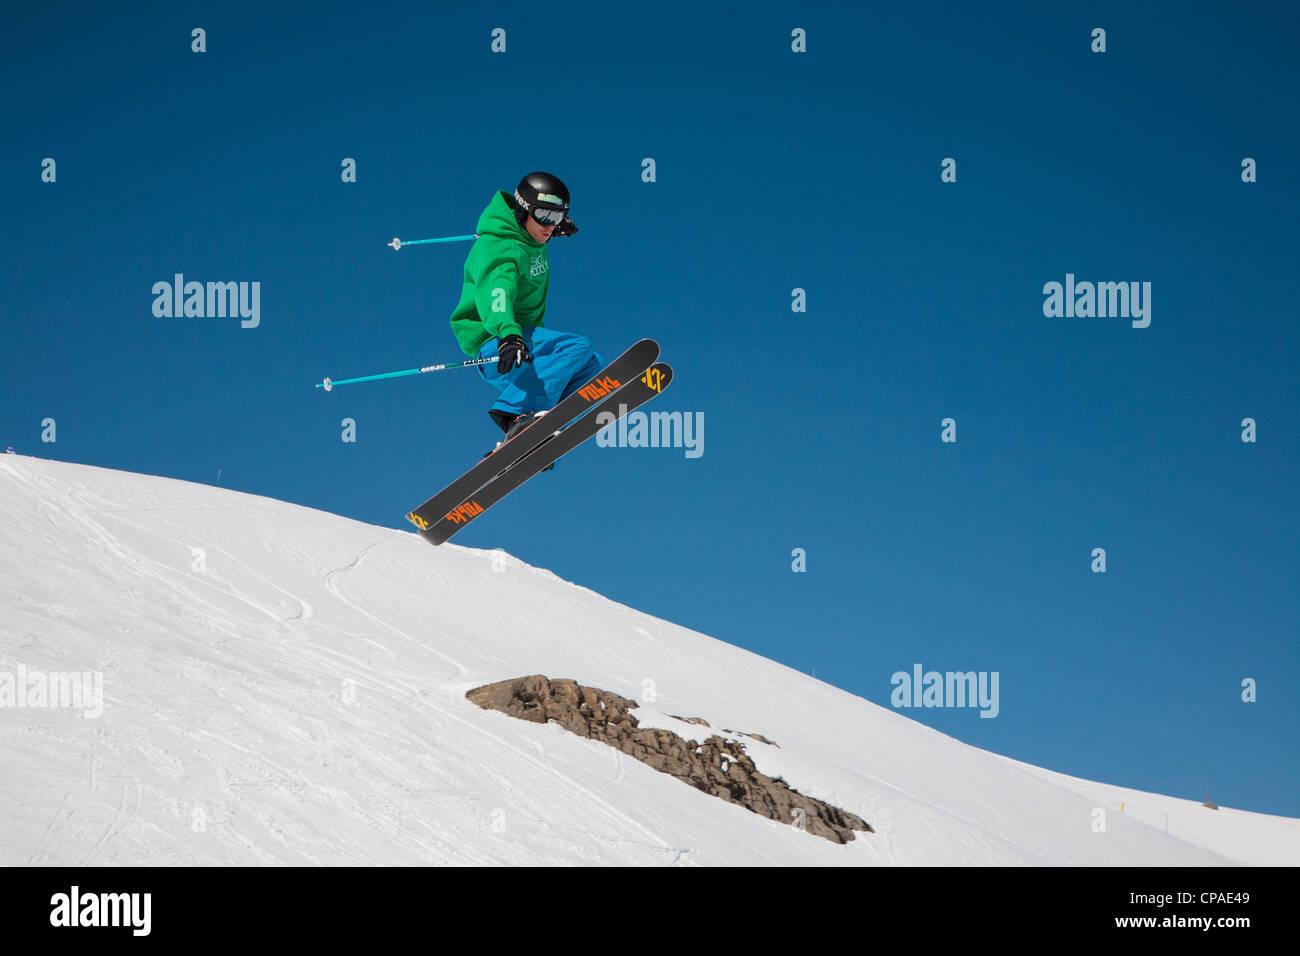 Un skieur de style libre exécute un saut et twist contre un ciel bleu clair. 3 de 4. Photo Stock